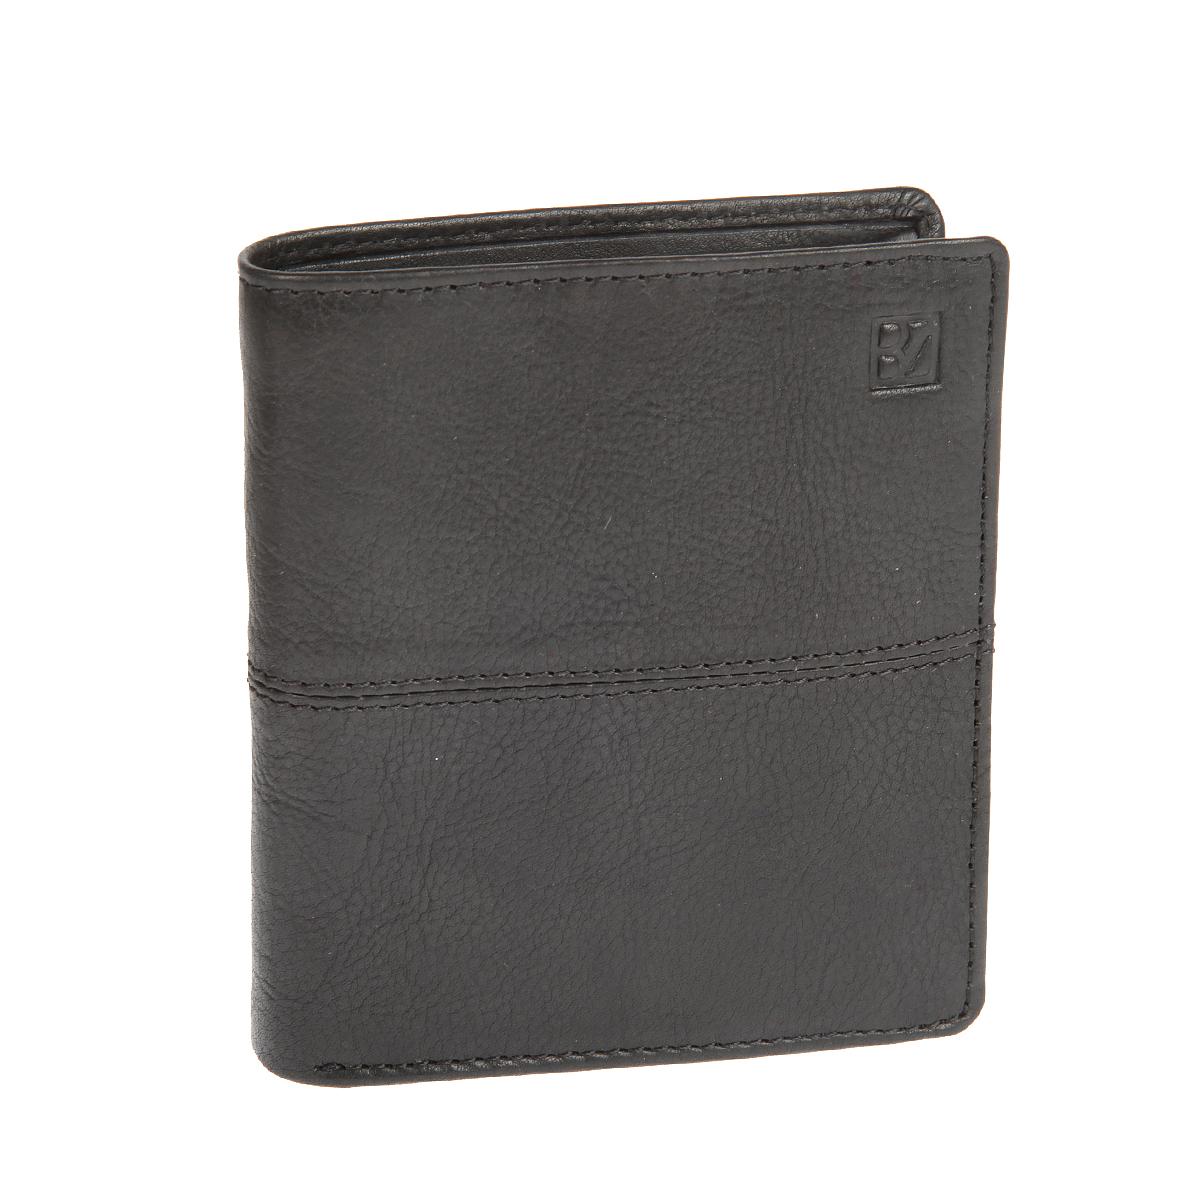 Портмоне мужское Bodenschatz, цвет: черный. 8-994 black8-994 blackРаскладывается пополам, внутри два отдела для купюр, шесть кармашков для пластиковых карт, три сетчатых кармана, потайной карман, карман для мелочи на кнопке.